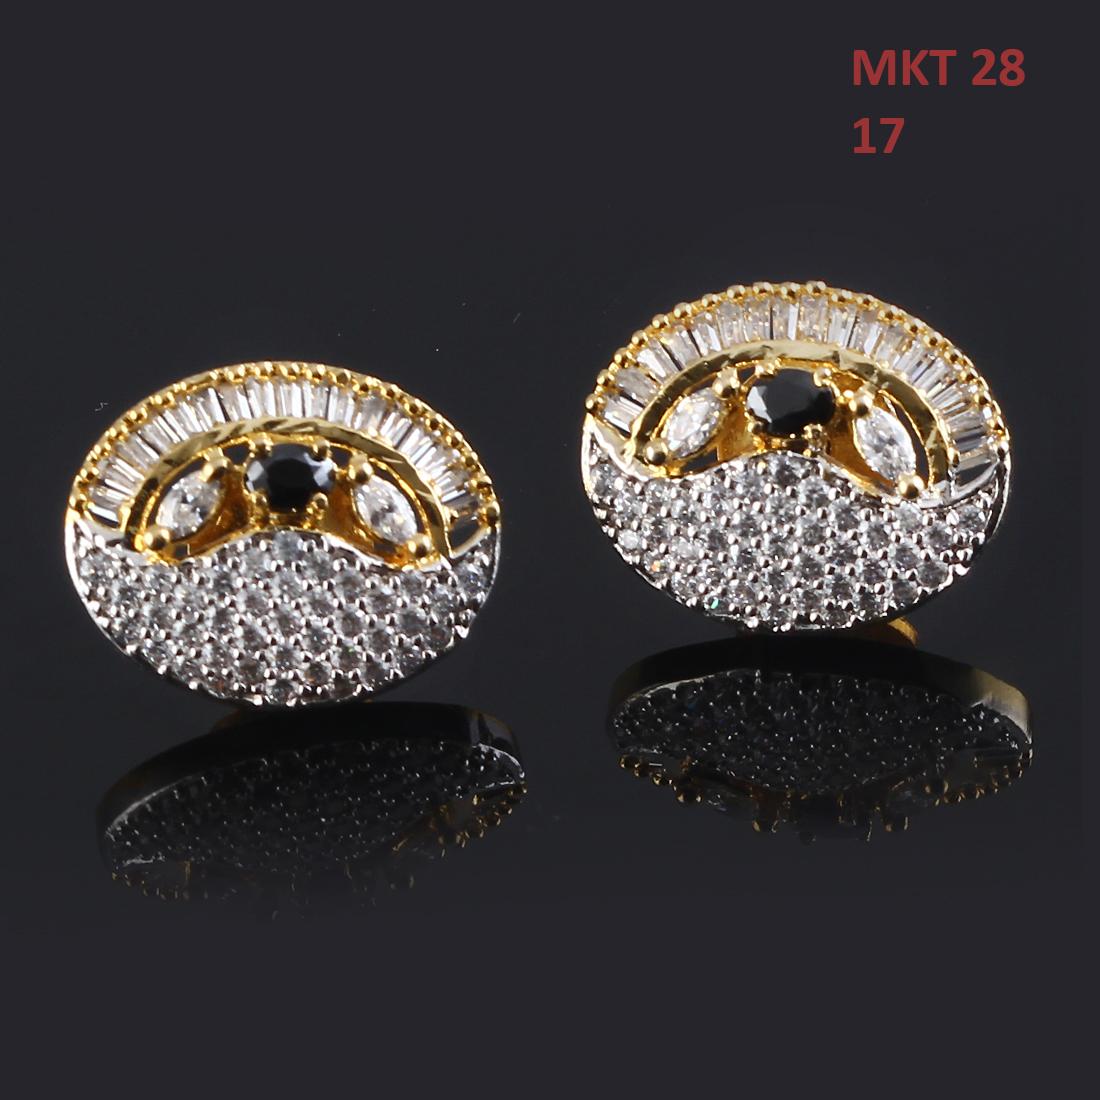 55Carat | 55Carat Ear Tops 14K Gold Plated Blue Sapphire, Cubic Zircon Oval Shape Cute Small Earrings Ear Tops,14K Gold Plated,Blue Sapphire, Cubic Zircon,Oval Shape Cute Small Earrings MKT-28-BLUE